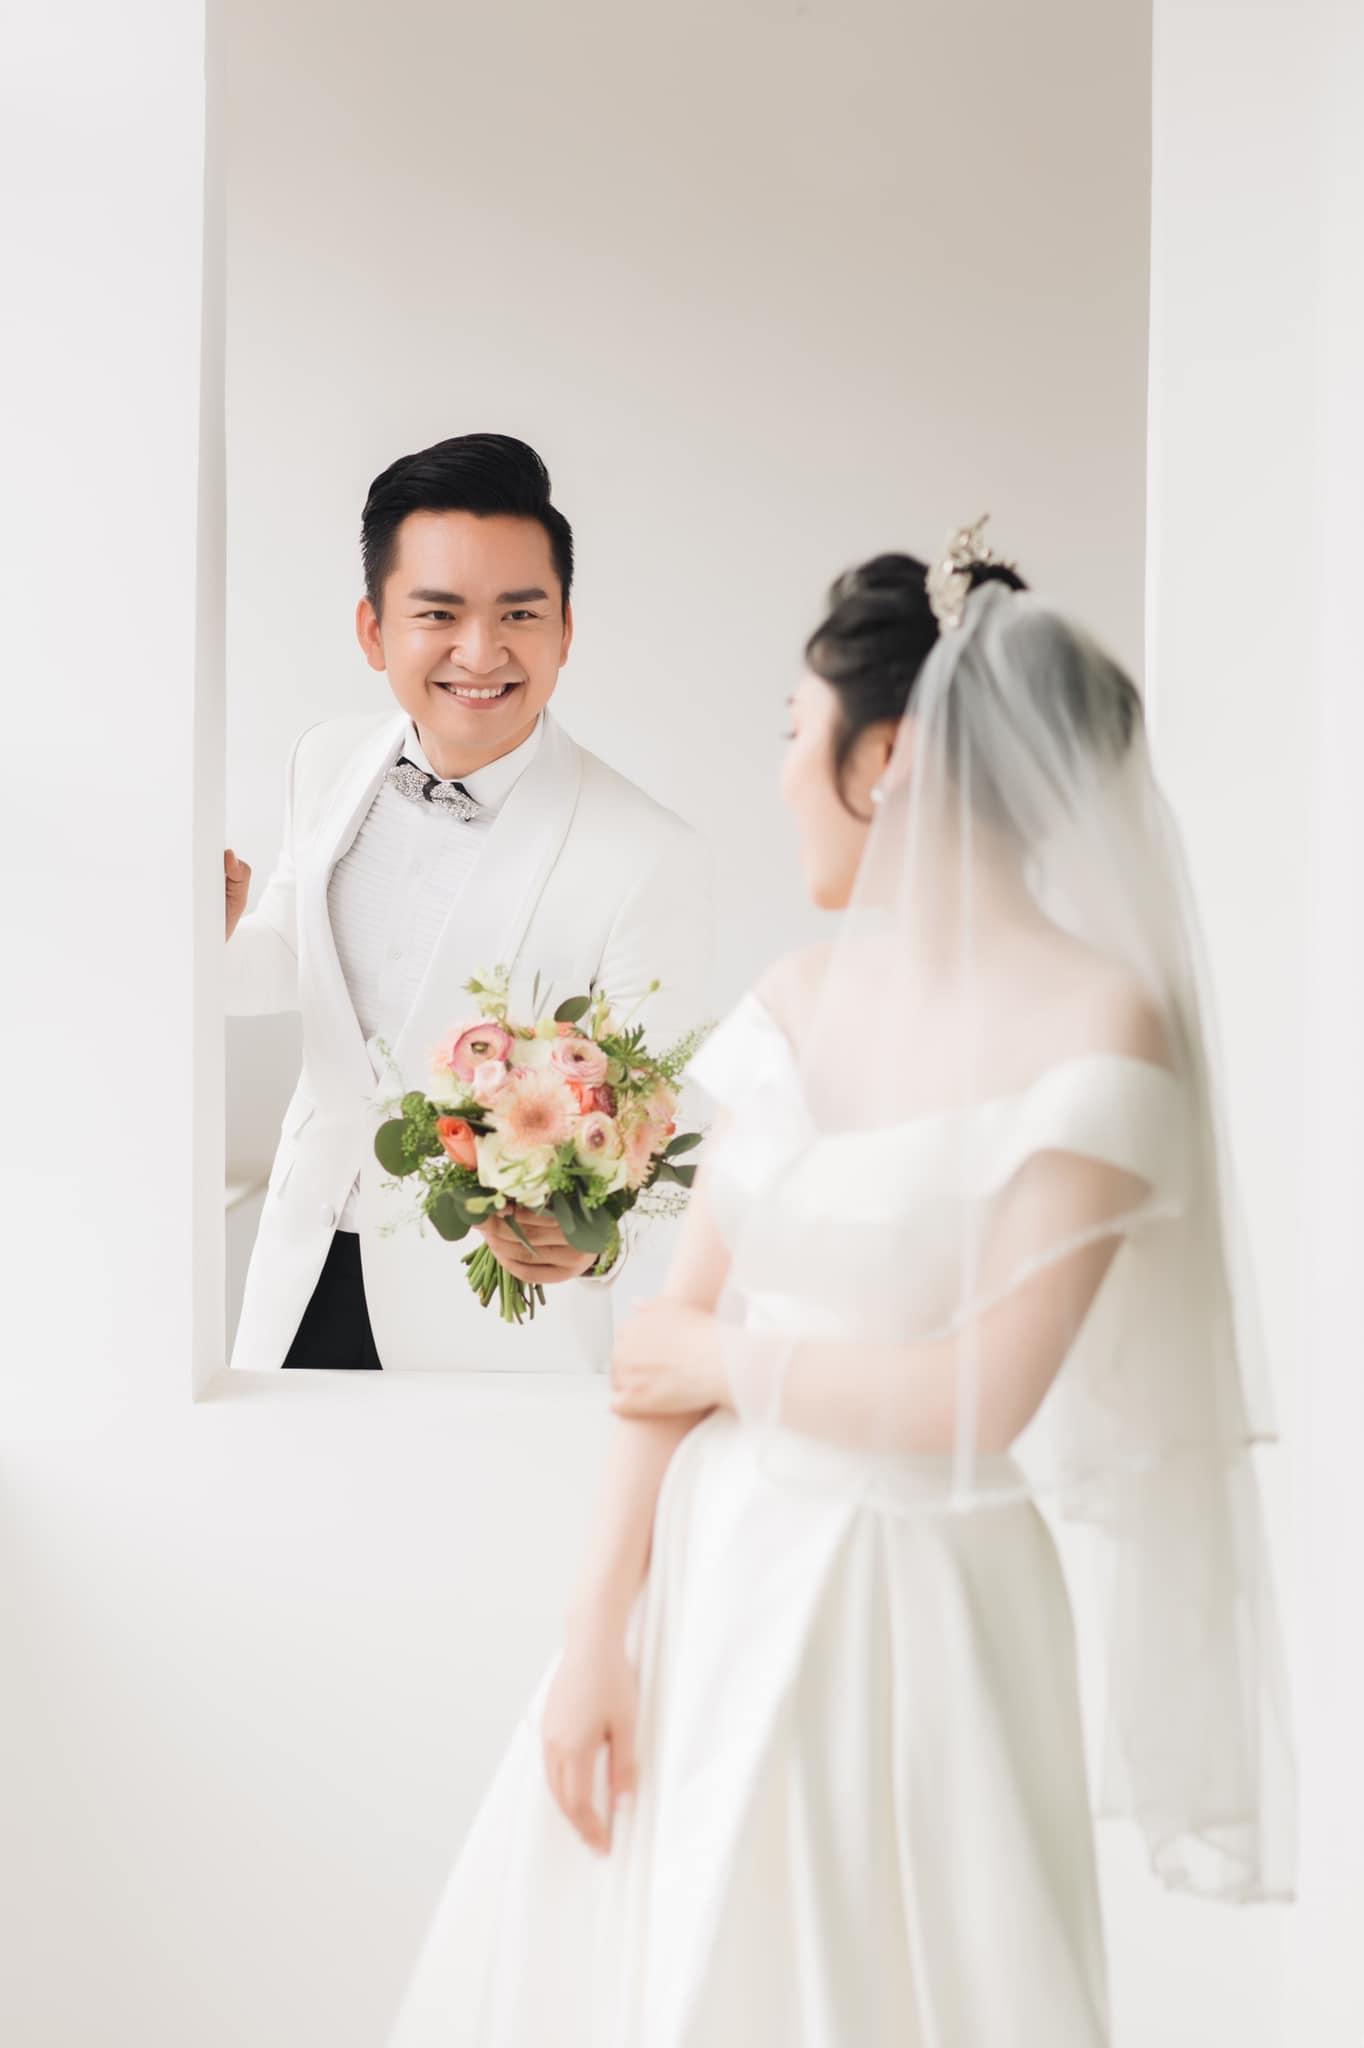 MC Hạnh Phúc chia sẻ sắp có con, tiết lộ lý do chưa thể tổ chức tiệc cưới Ảnh 2